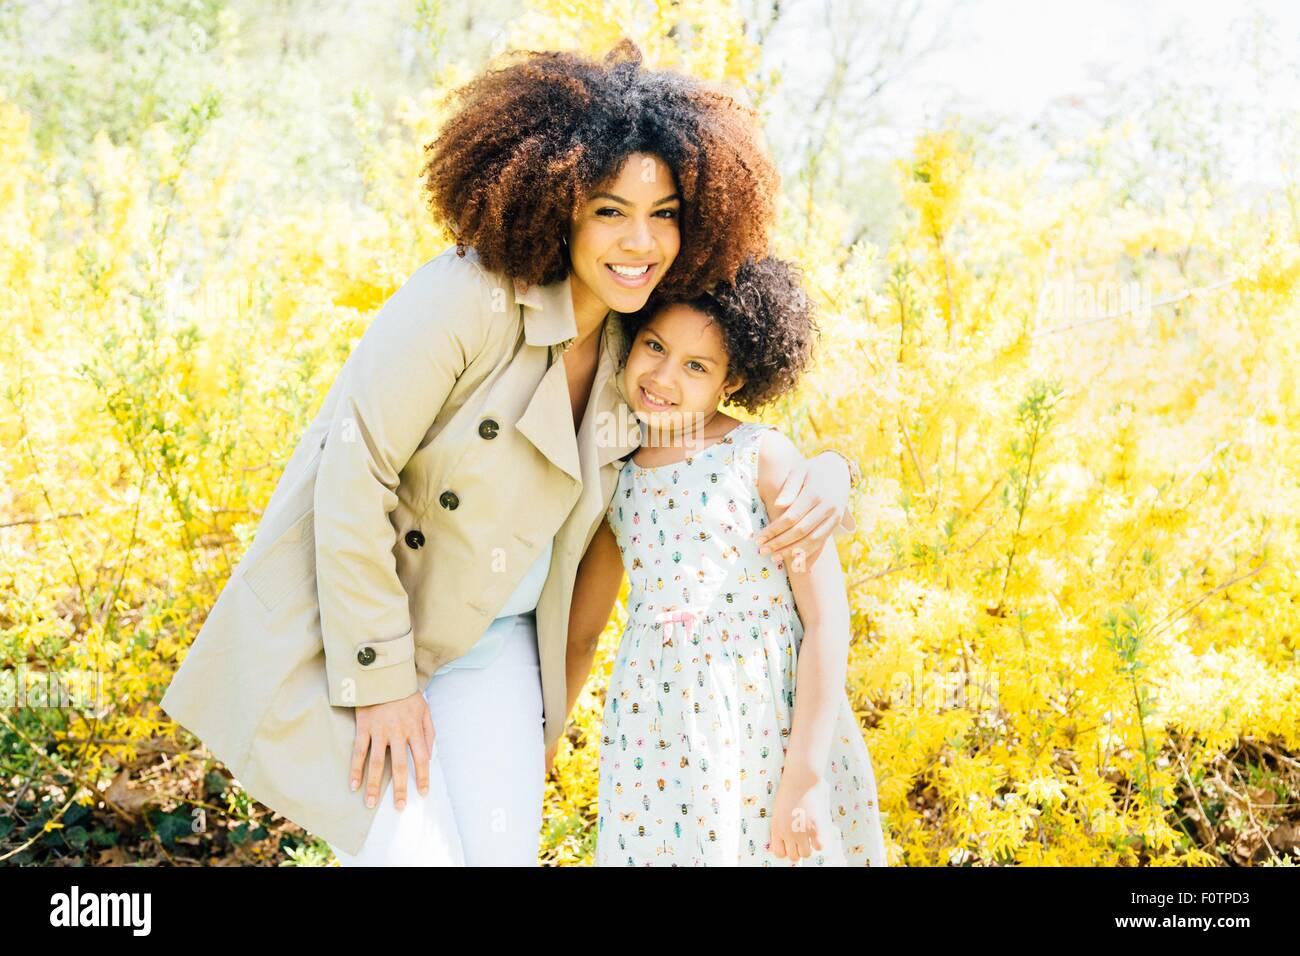 Retrato de madre con brazo alrededor de hija, mirando a la cámara, sonriendo Imagen De Stock